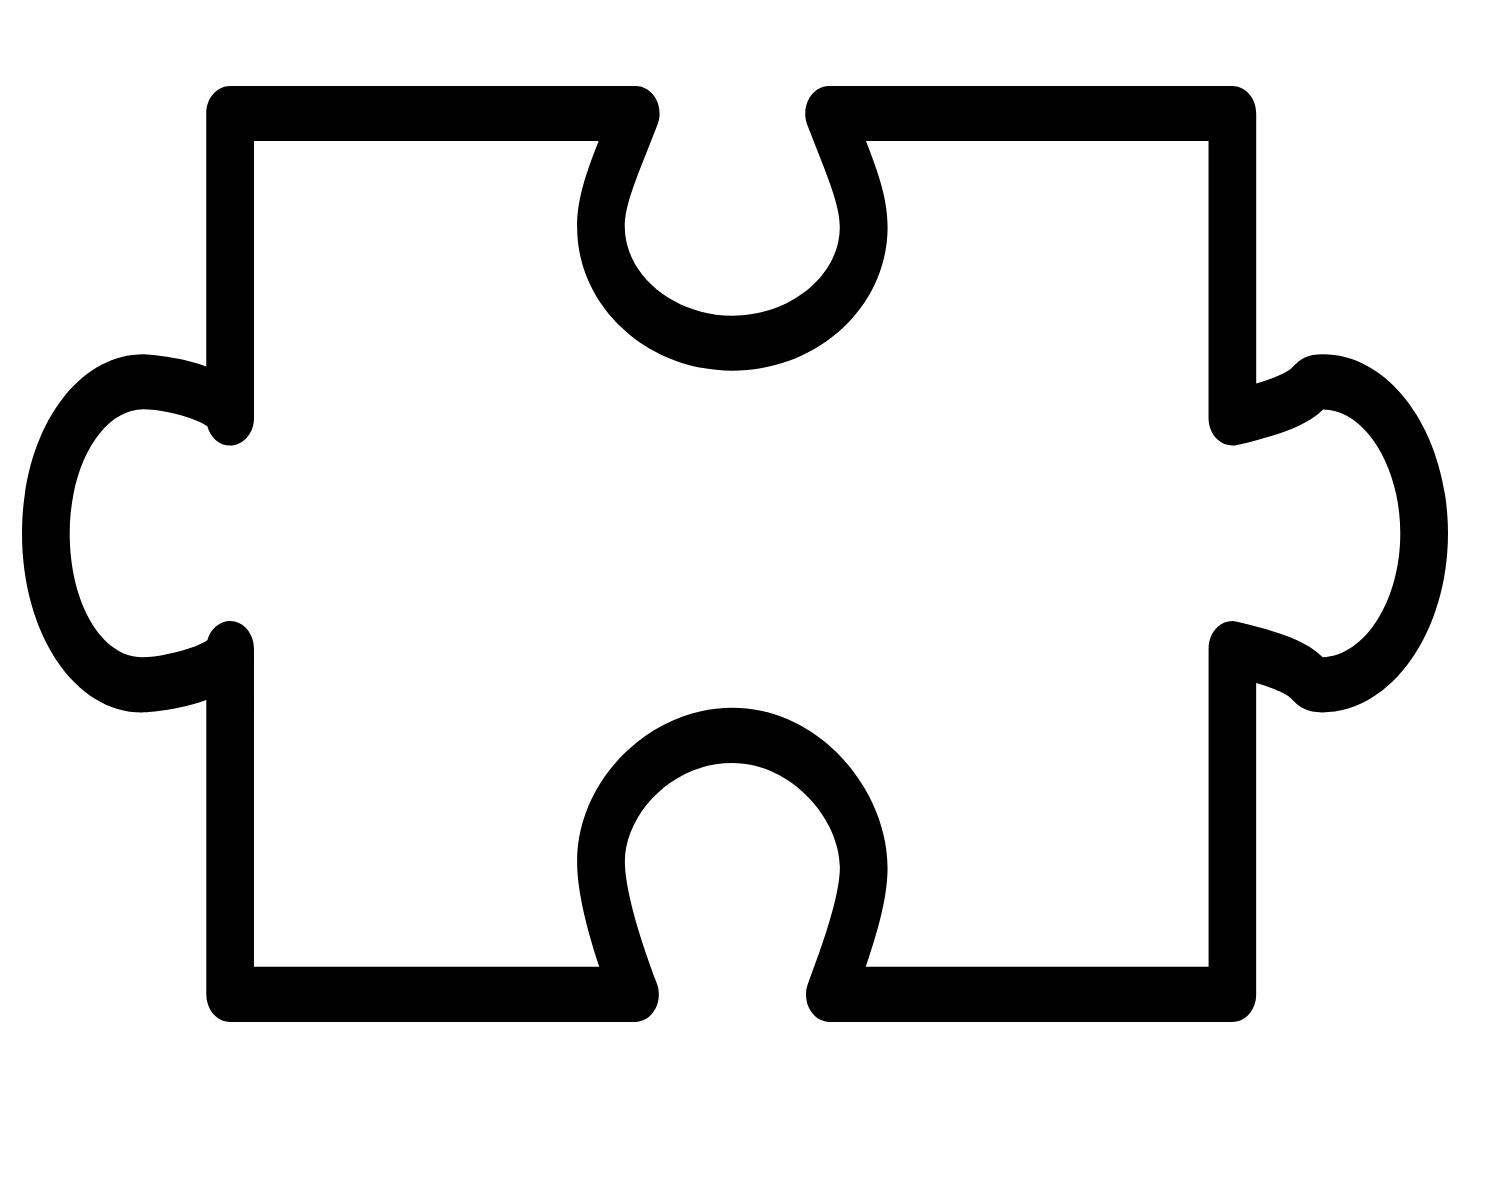 puzzle-piece_31884581.png